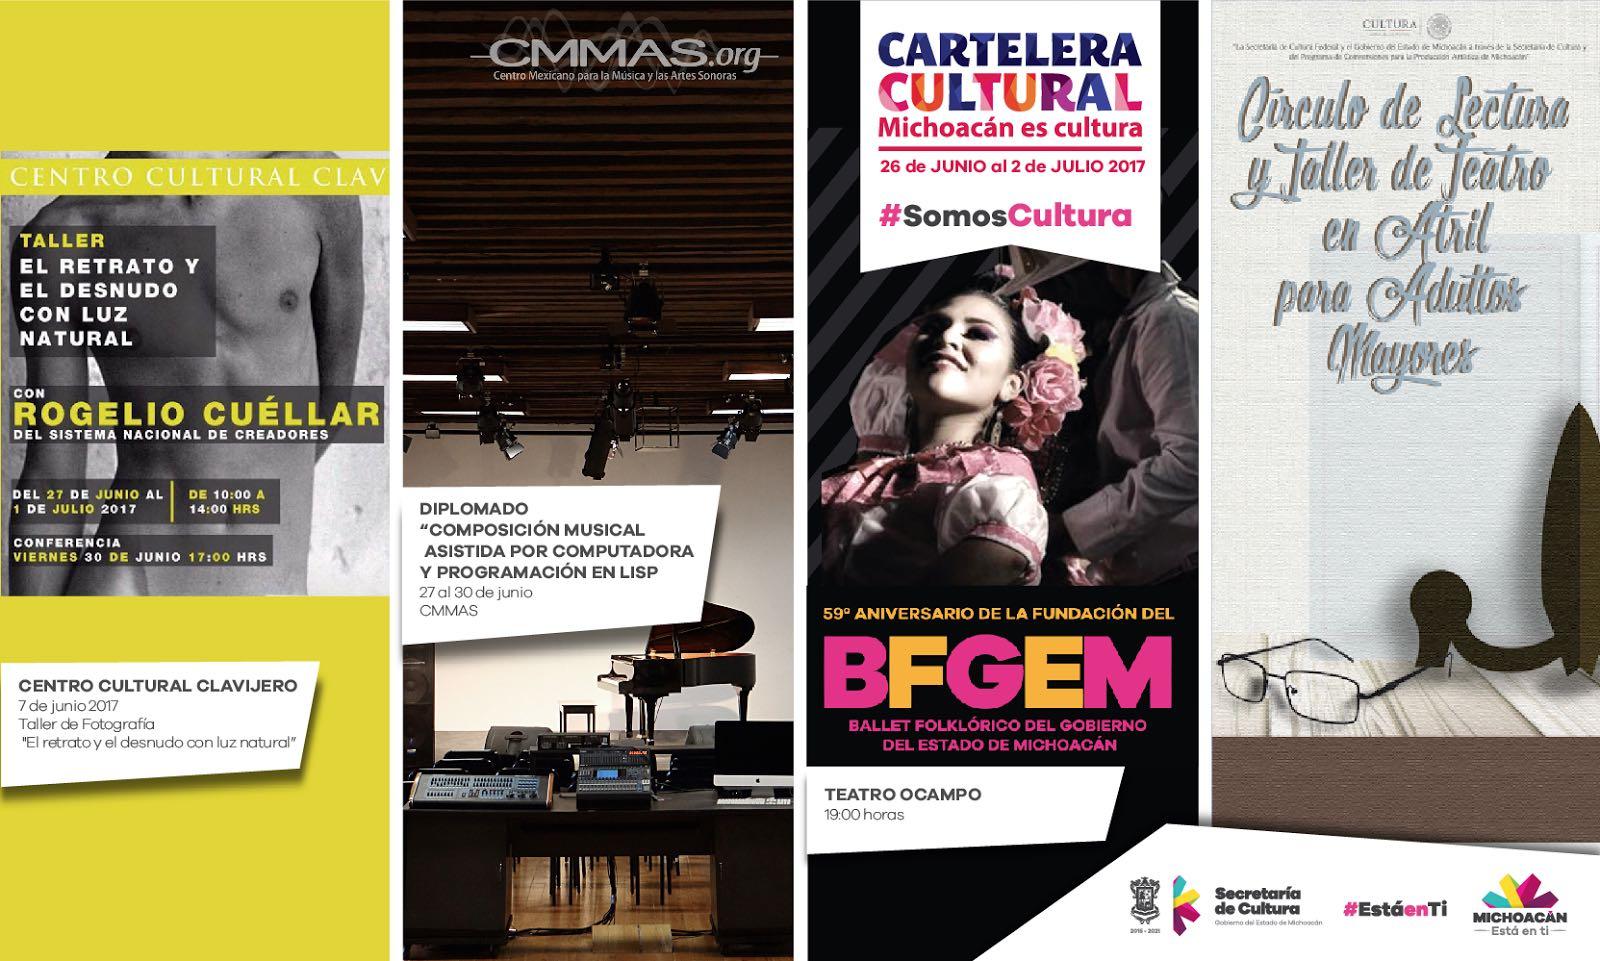 Cartelera Cultural del 26 de junio al 2 de julio de 2017